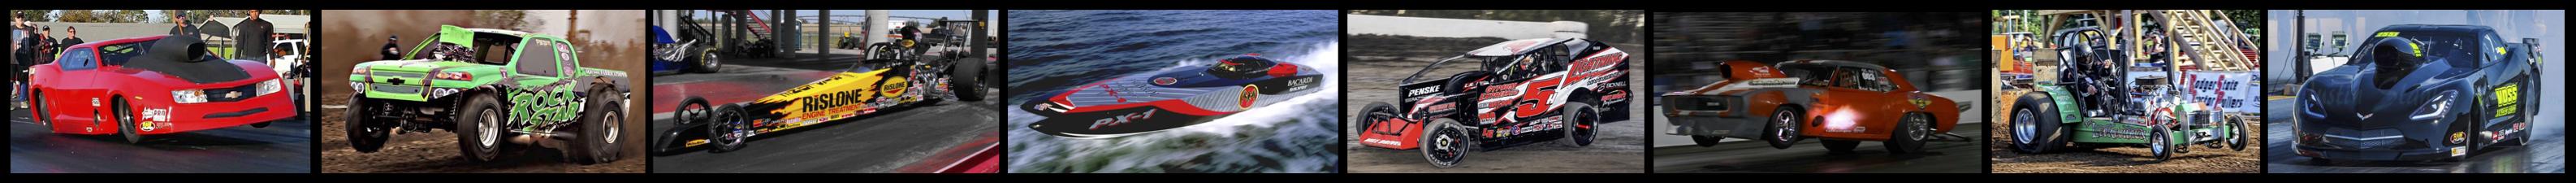 Home - Pro Systems Racing Carburetors